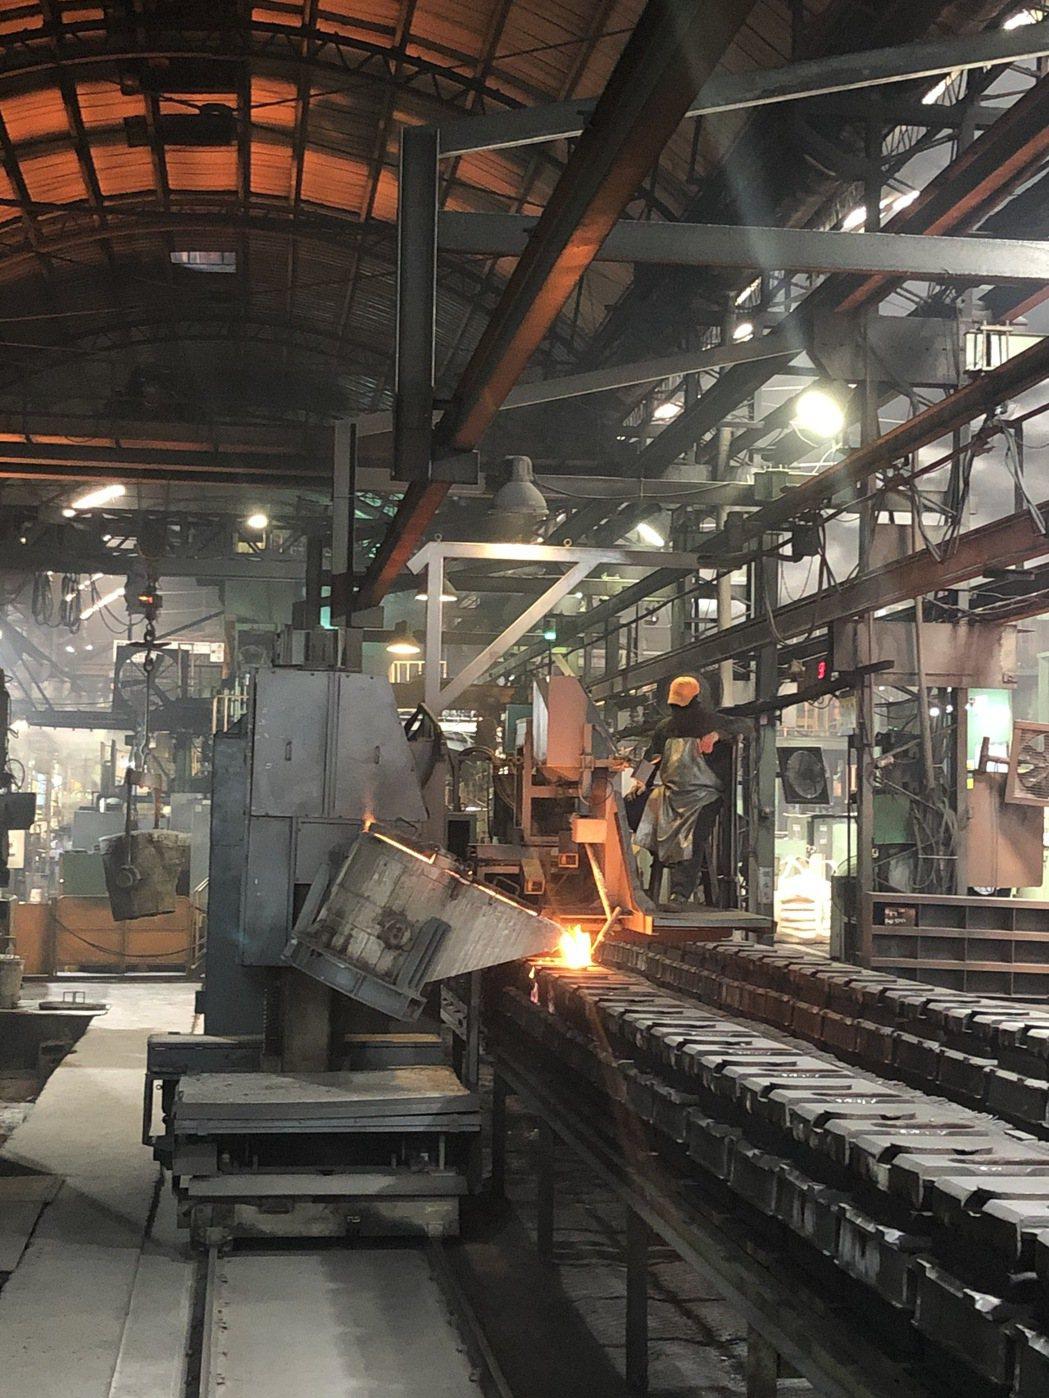 嘉鋼自動澆注製程。 嘉鋼/提供